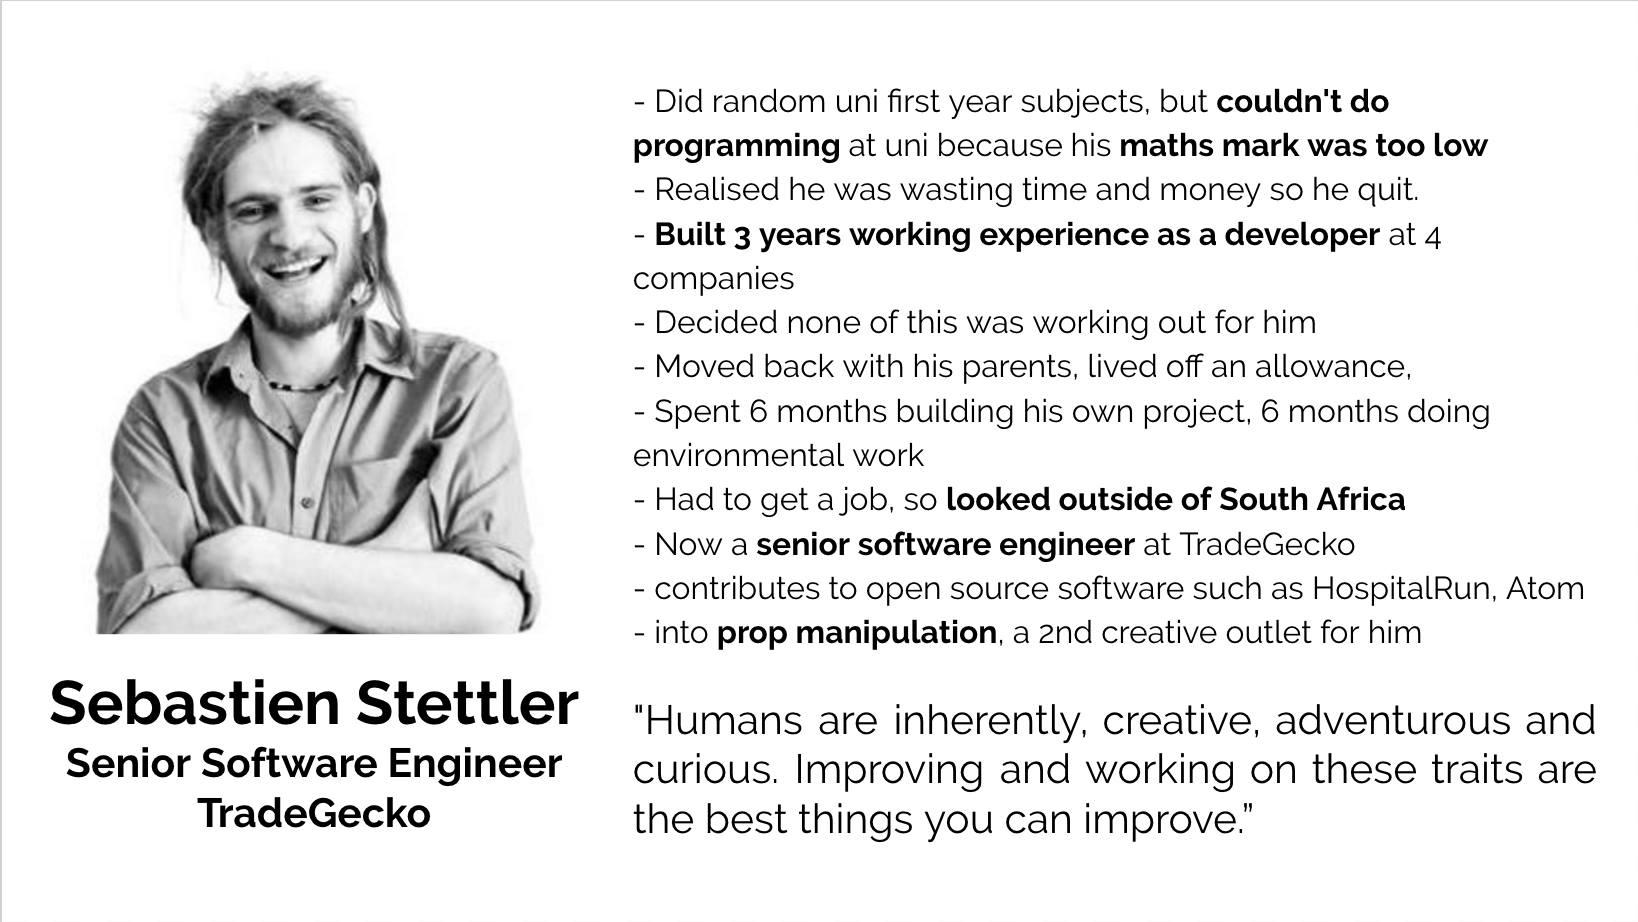 Sebastian Stettler, Senior Software Engineer, TradeGecko